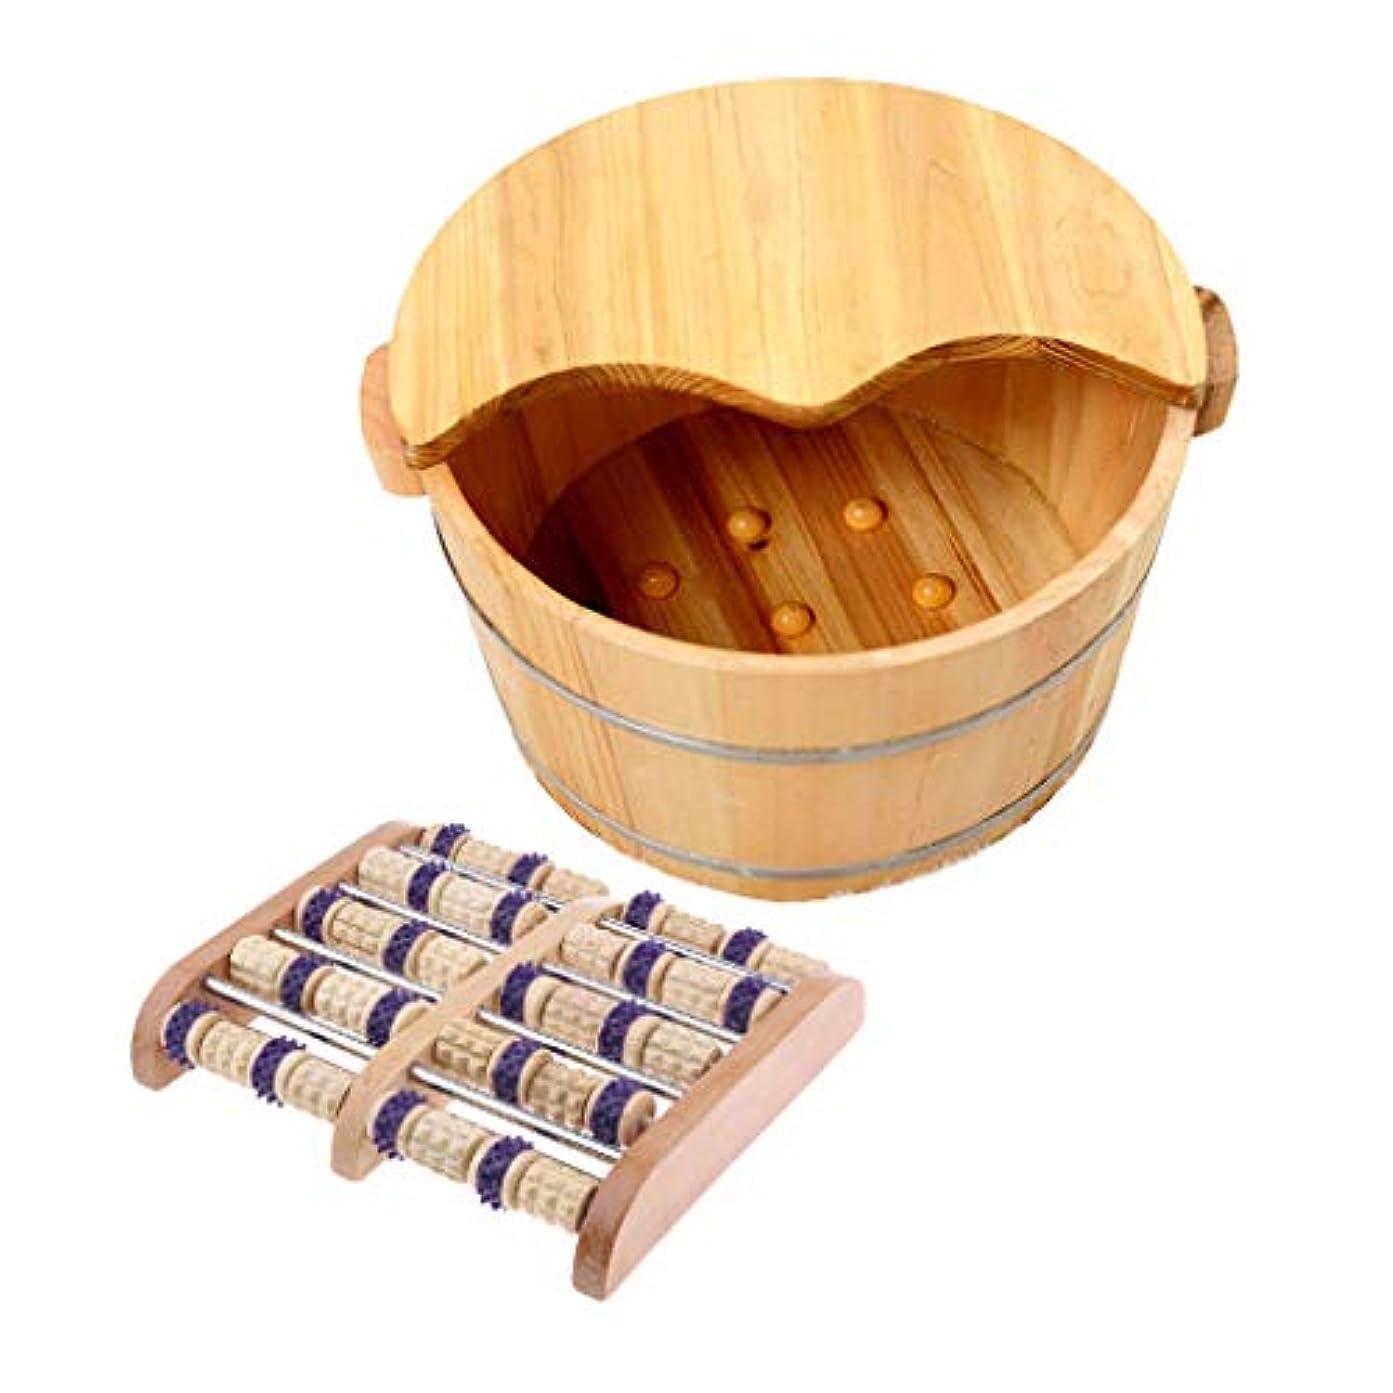 閲覧するローズ血まみれのCUTICATE 足つぼマッサージ器 手作りウッドフットマッサー 木製の足の洗面台付き 足裏 ツボ押 血行促進